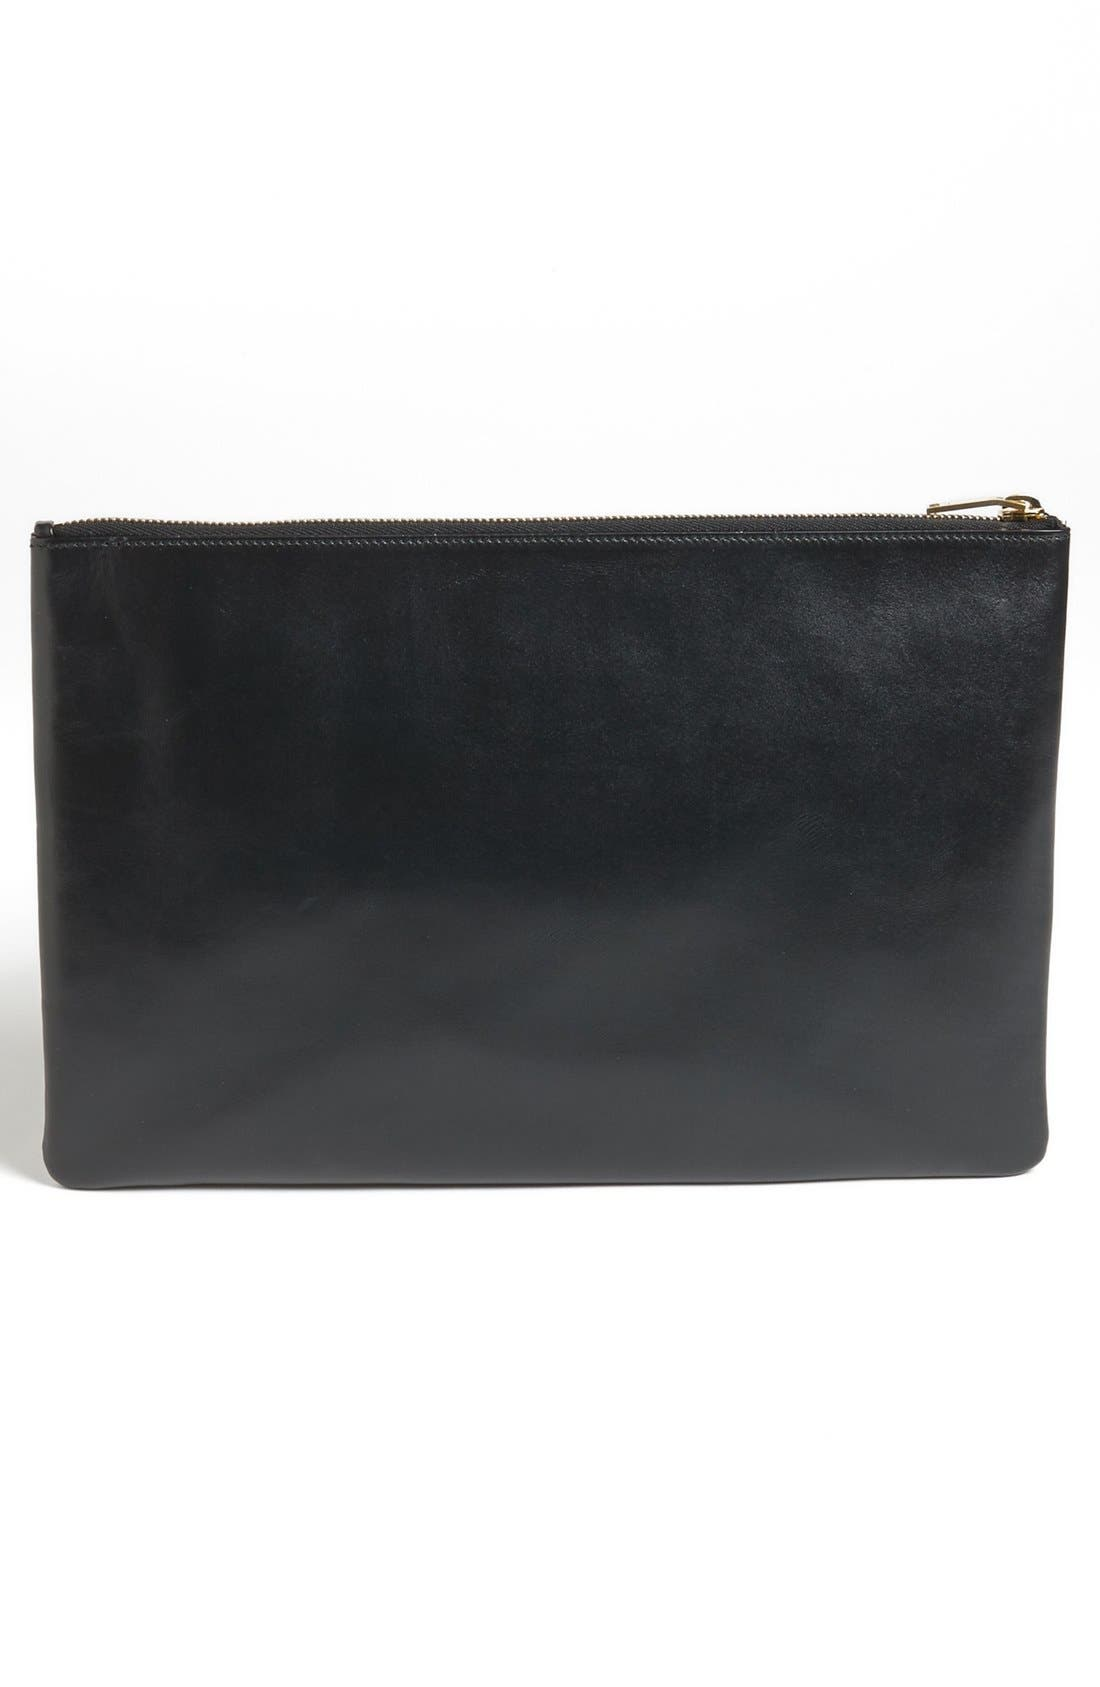 Alternate Image 3  - Saint Laurent Leather Clutch